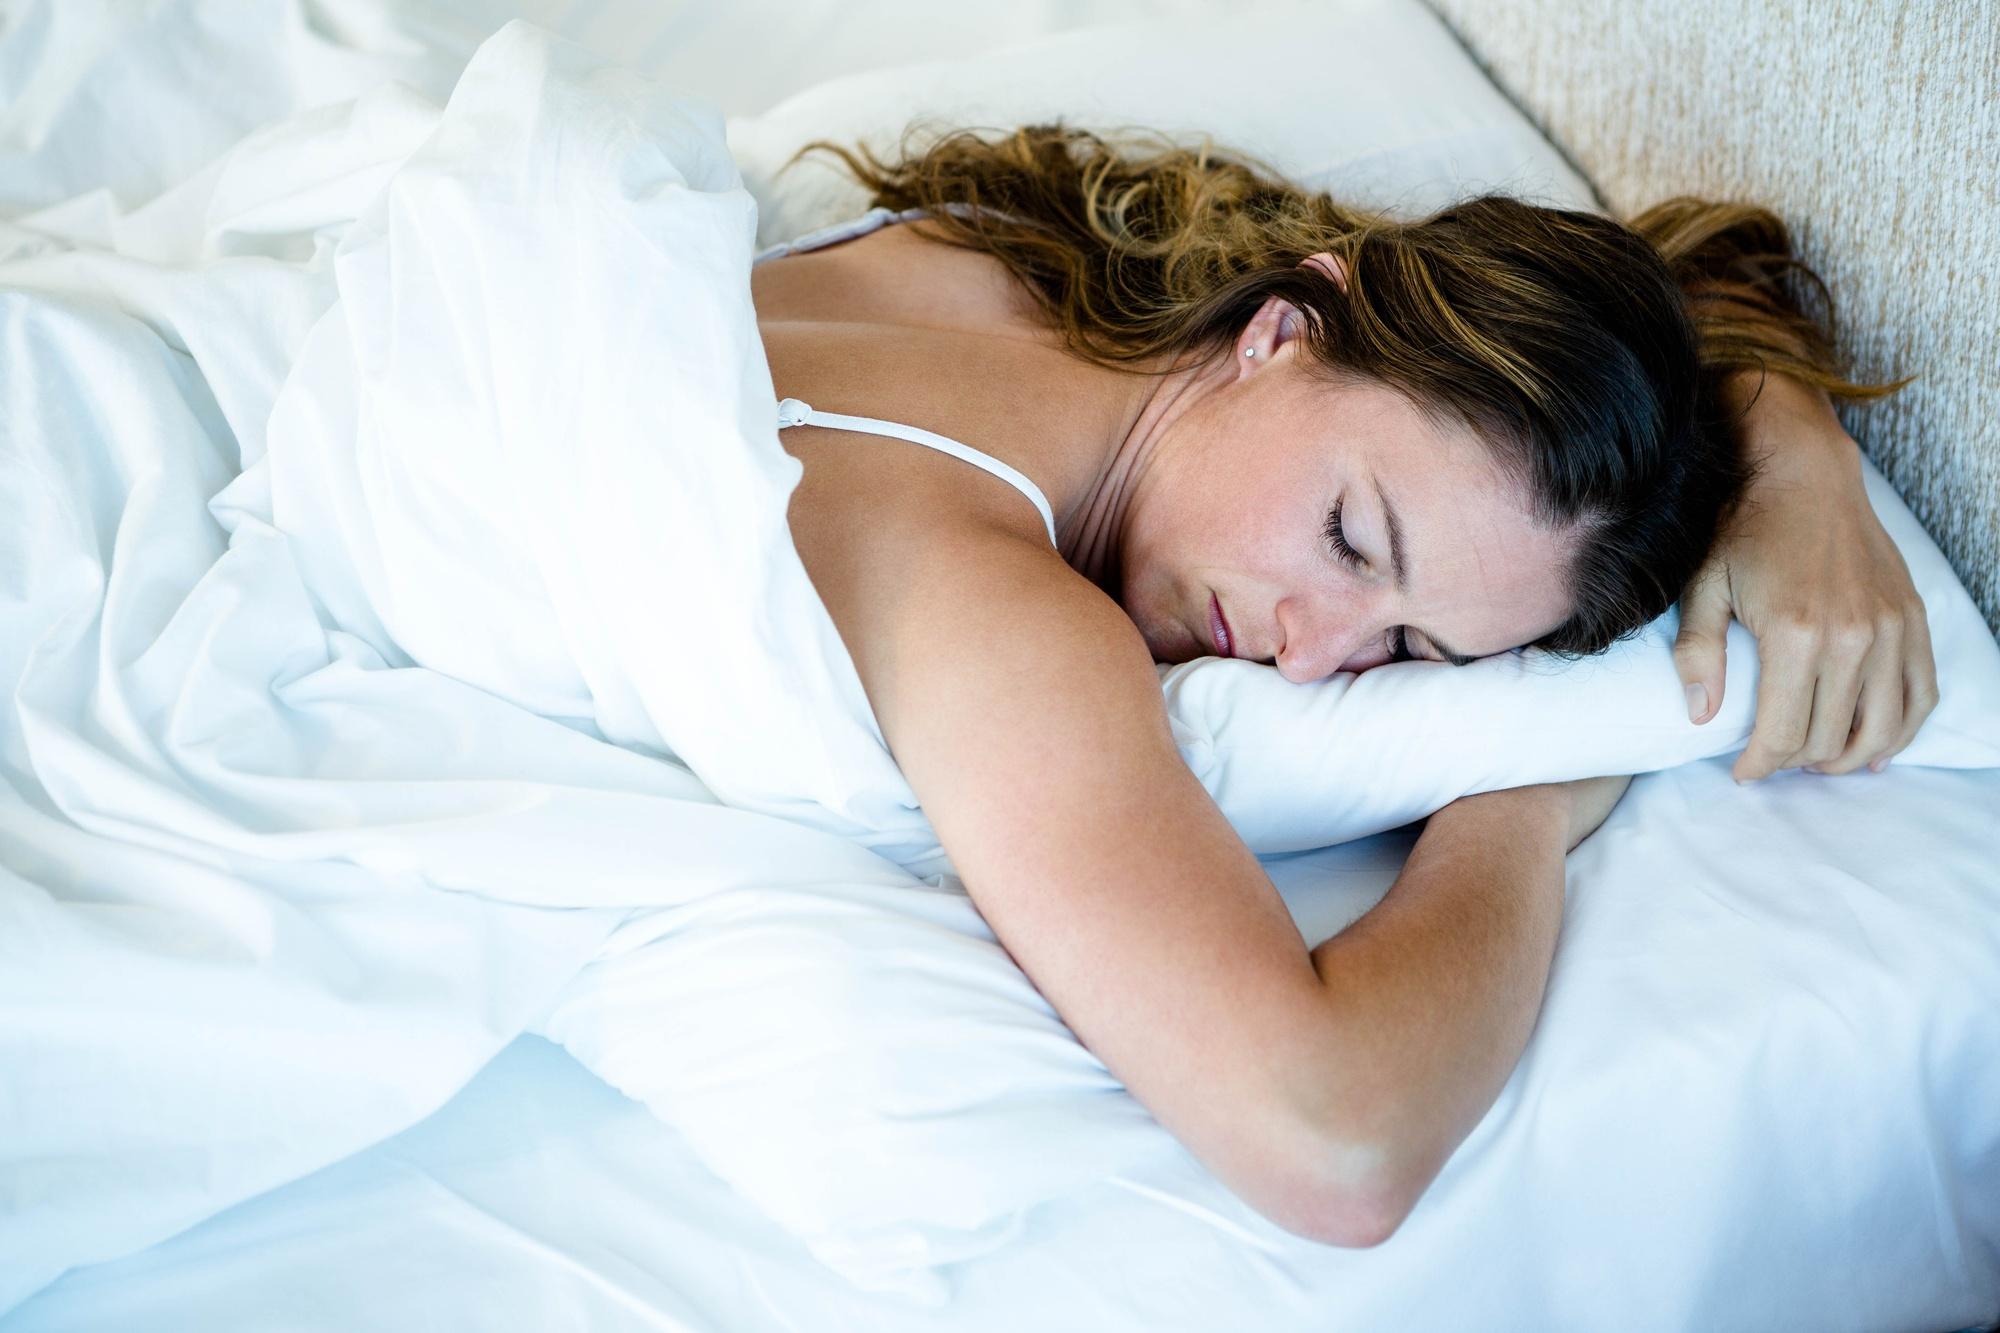 фотография жены во сне криспум характеризуется оригинальным